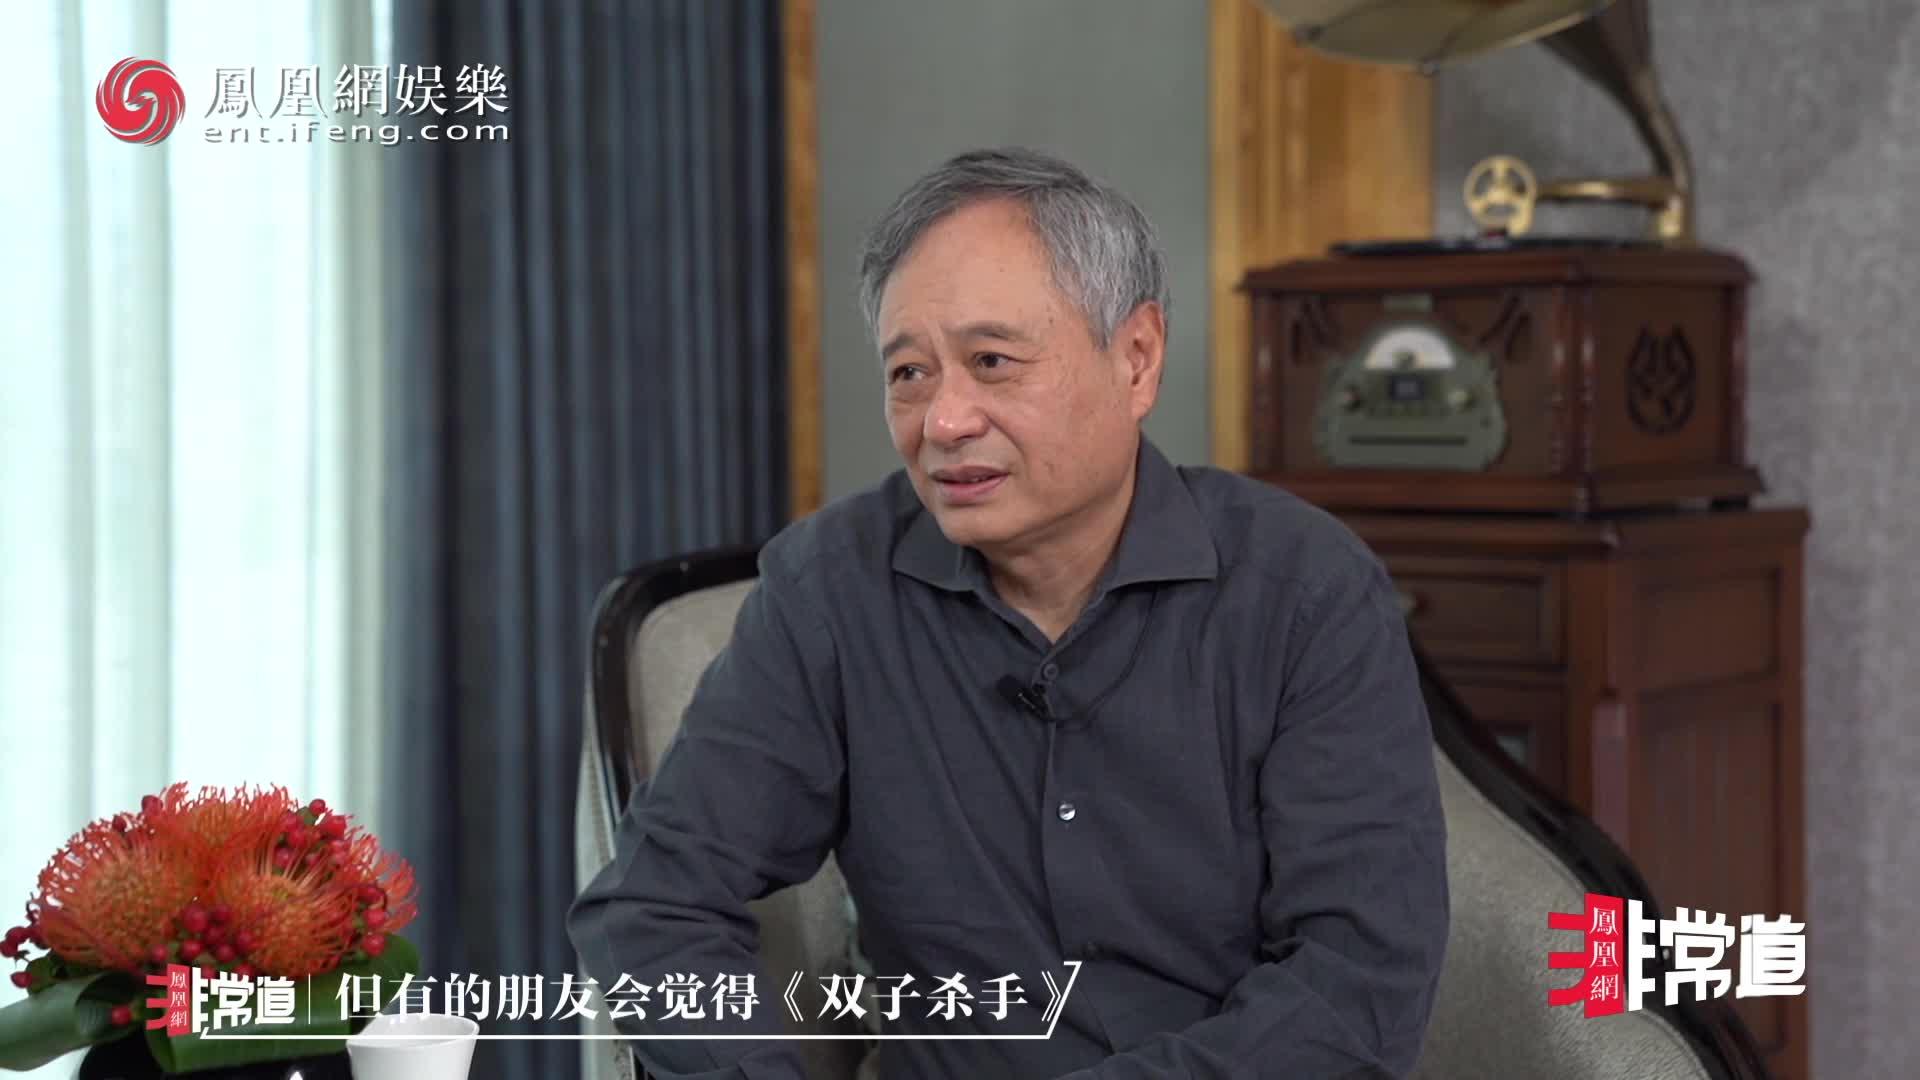 李安:《双子杀手》故事简单了很多 不这样的话推不动丨凤凰网非常道